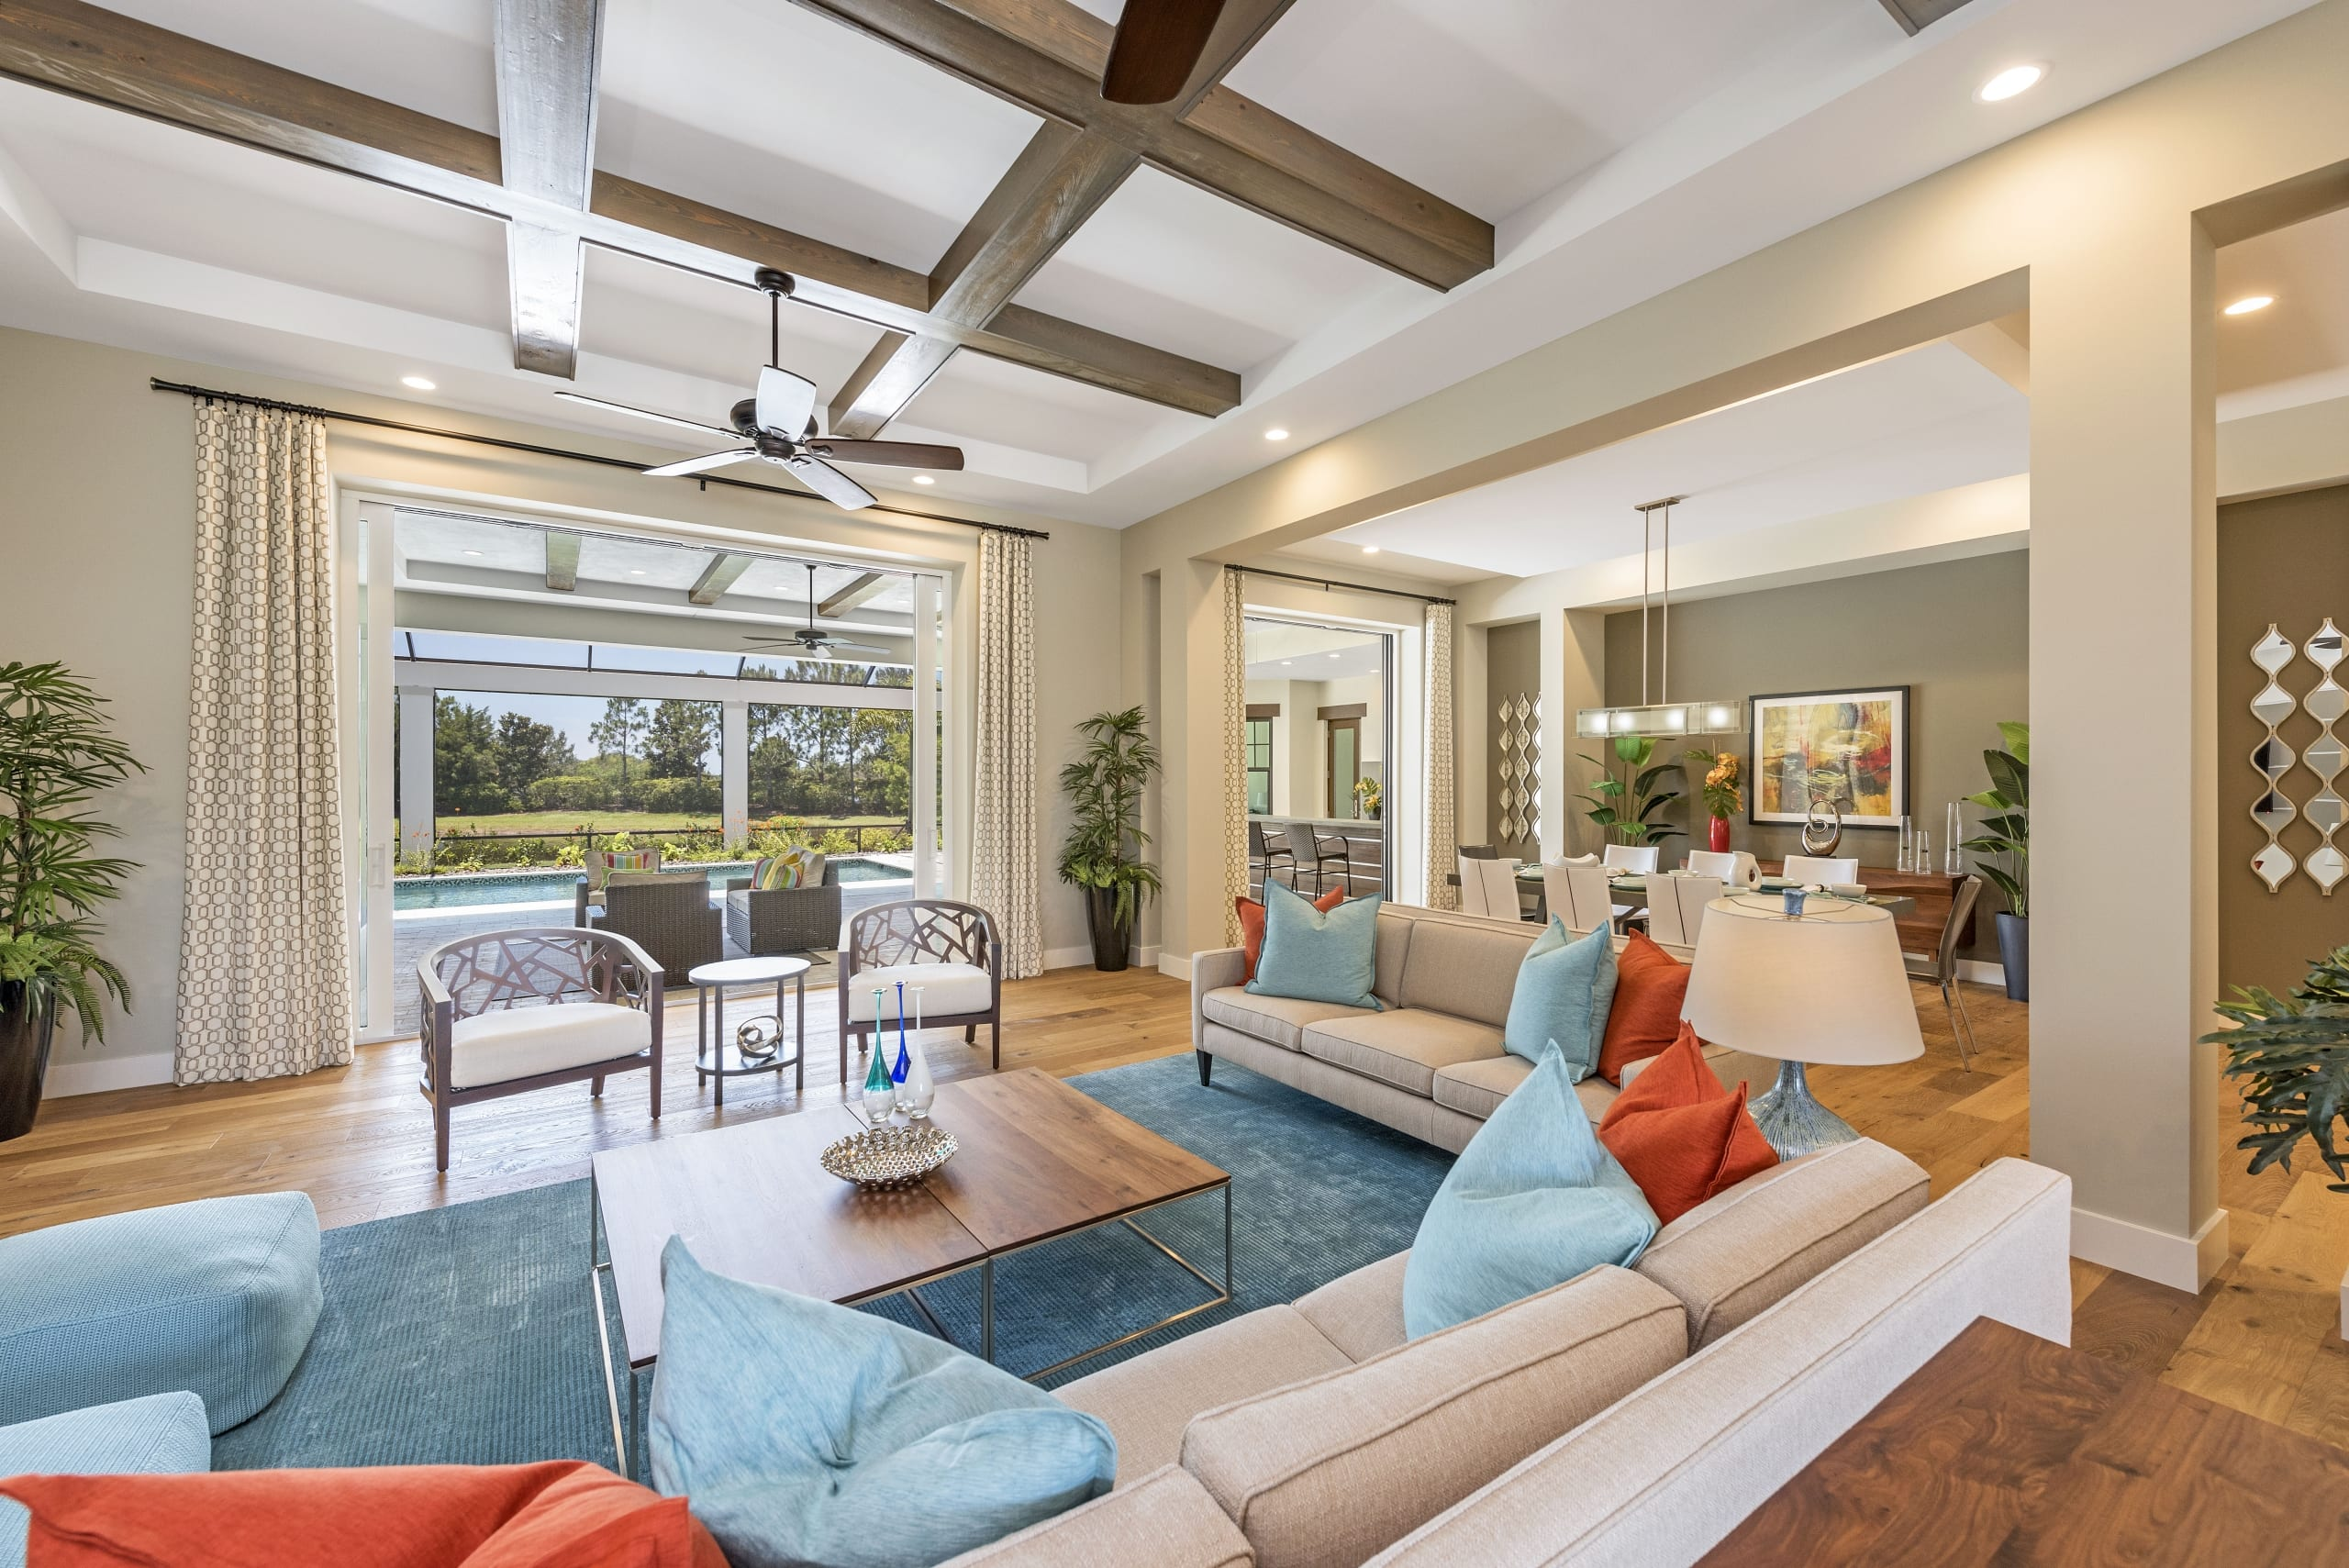 Dark Wood Beams Contemporary Livingroom Swimming Pool Deck Dinningroom Blue Red Cushions Wood Floor Rug